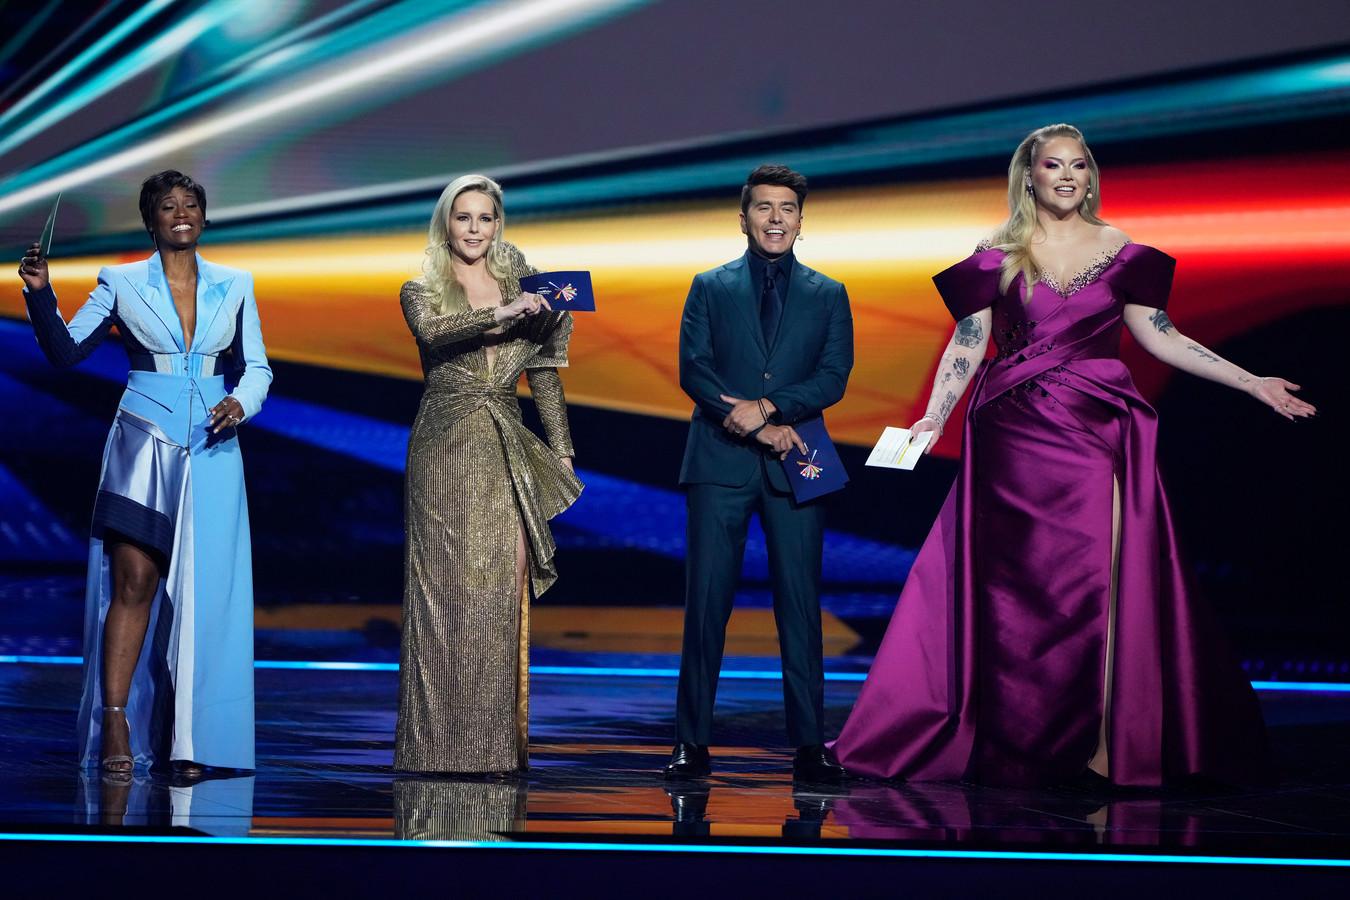 De presentatoren van het Eurovisie Songfestival  tijdens de eerste generale repetitie finale.